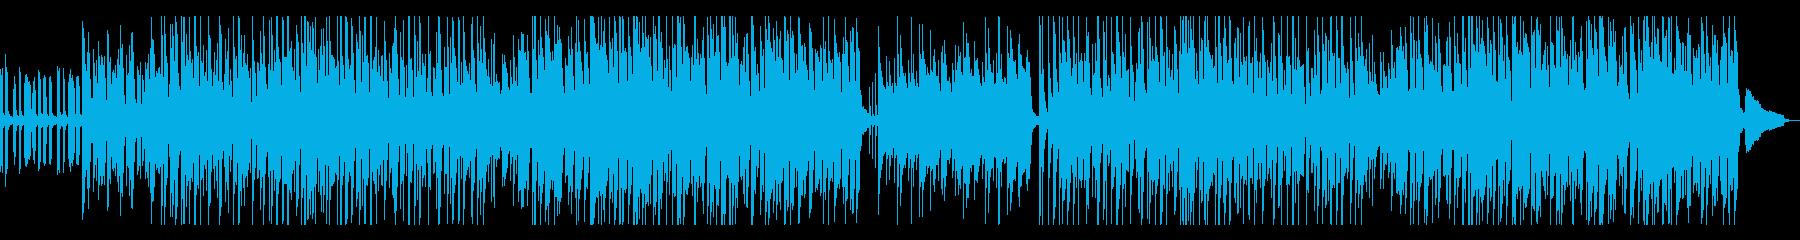 カフェのモーニングに合ったボサノバ風音楽の再生済みの波形